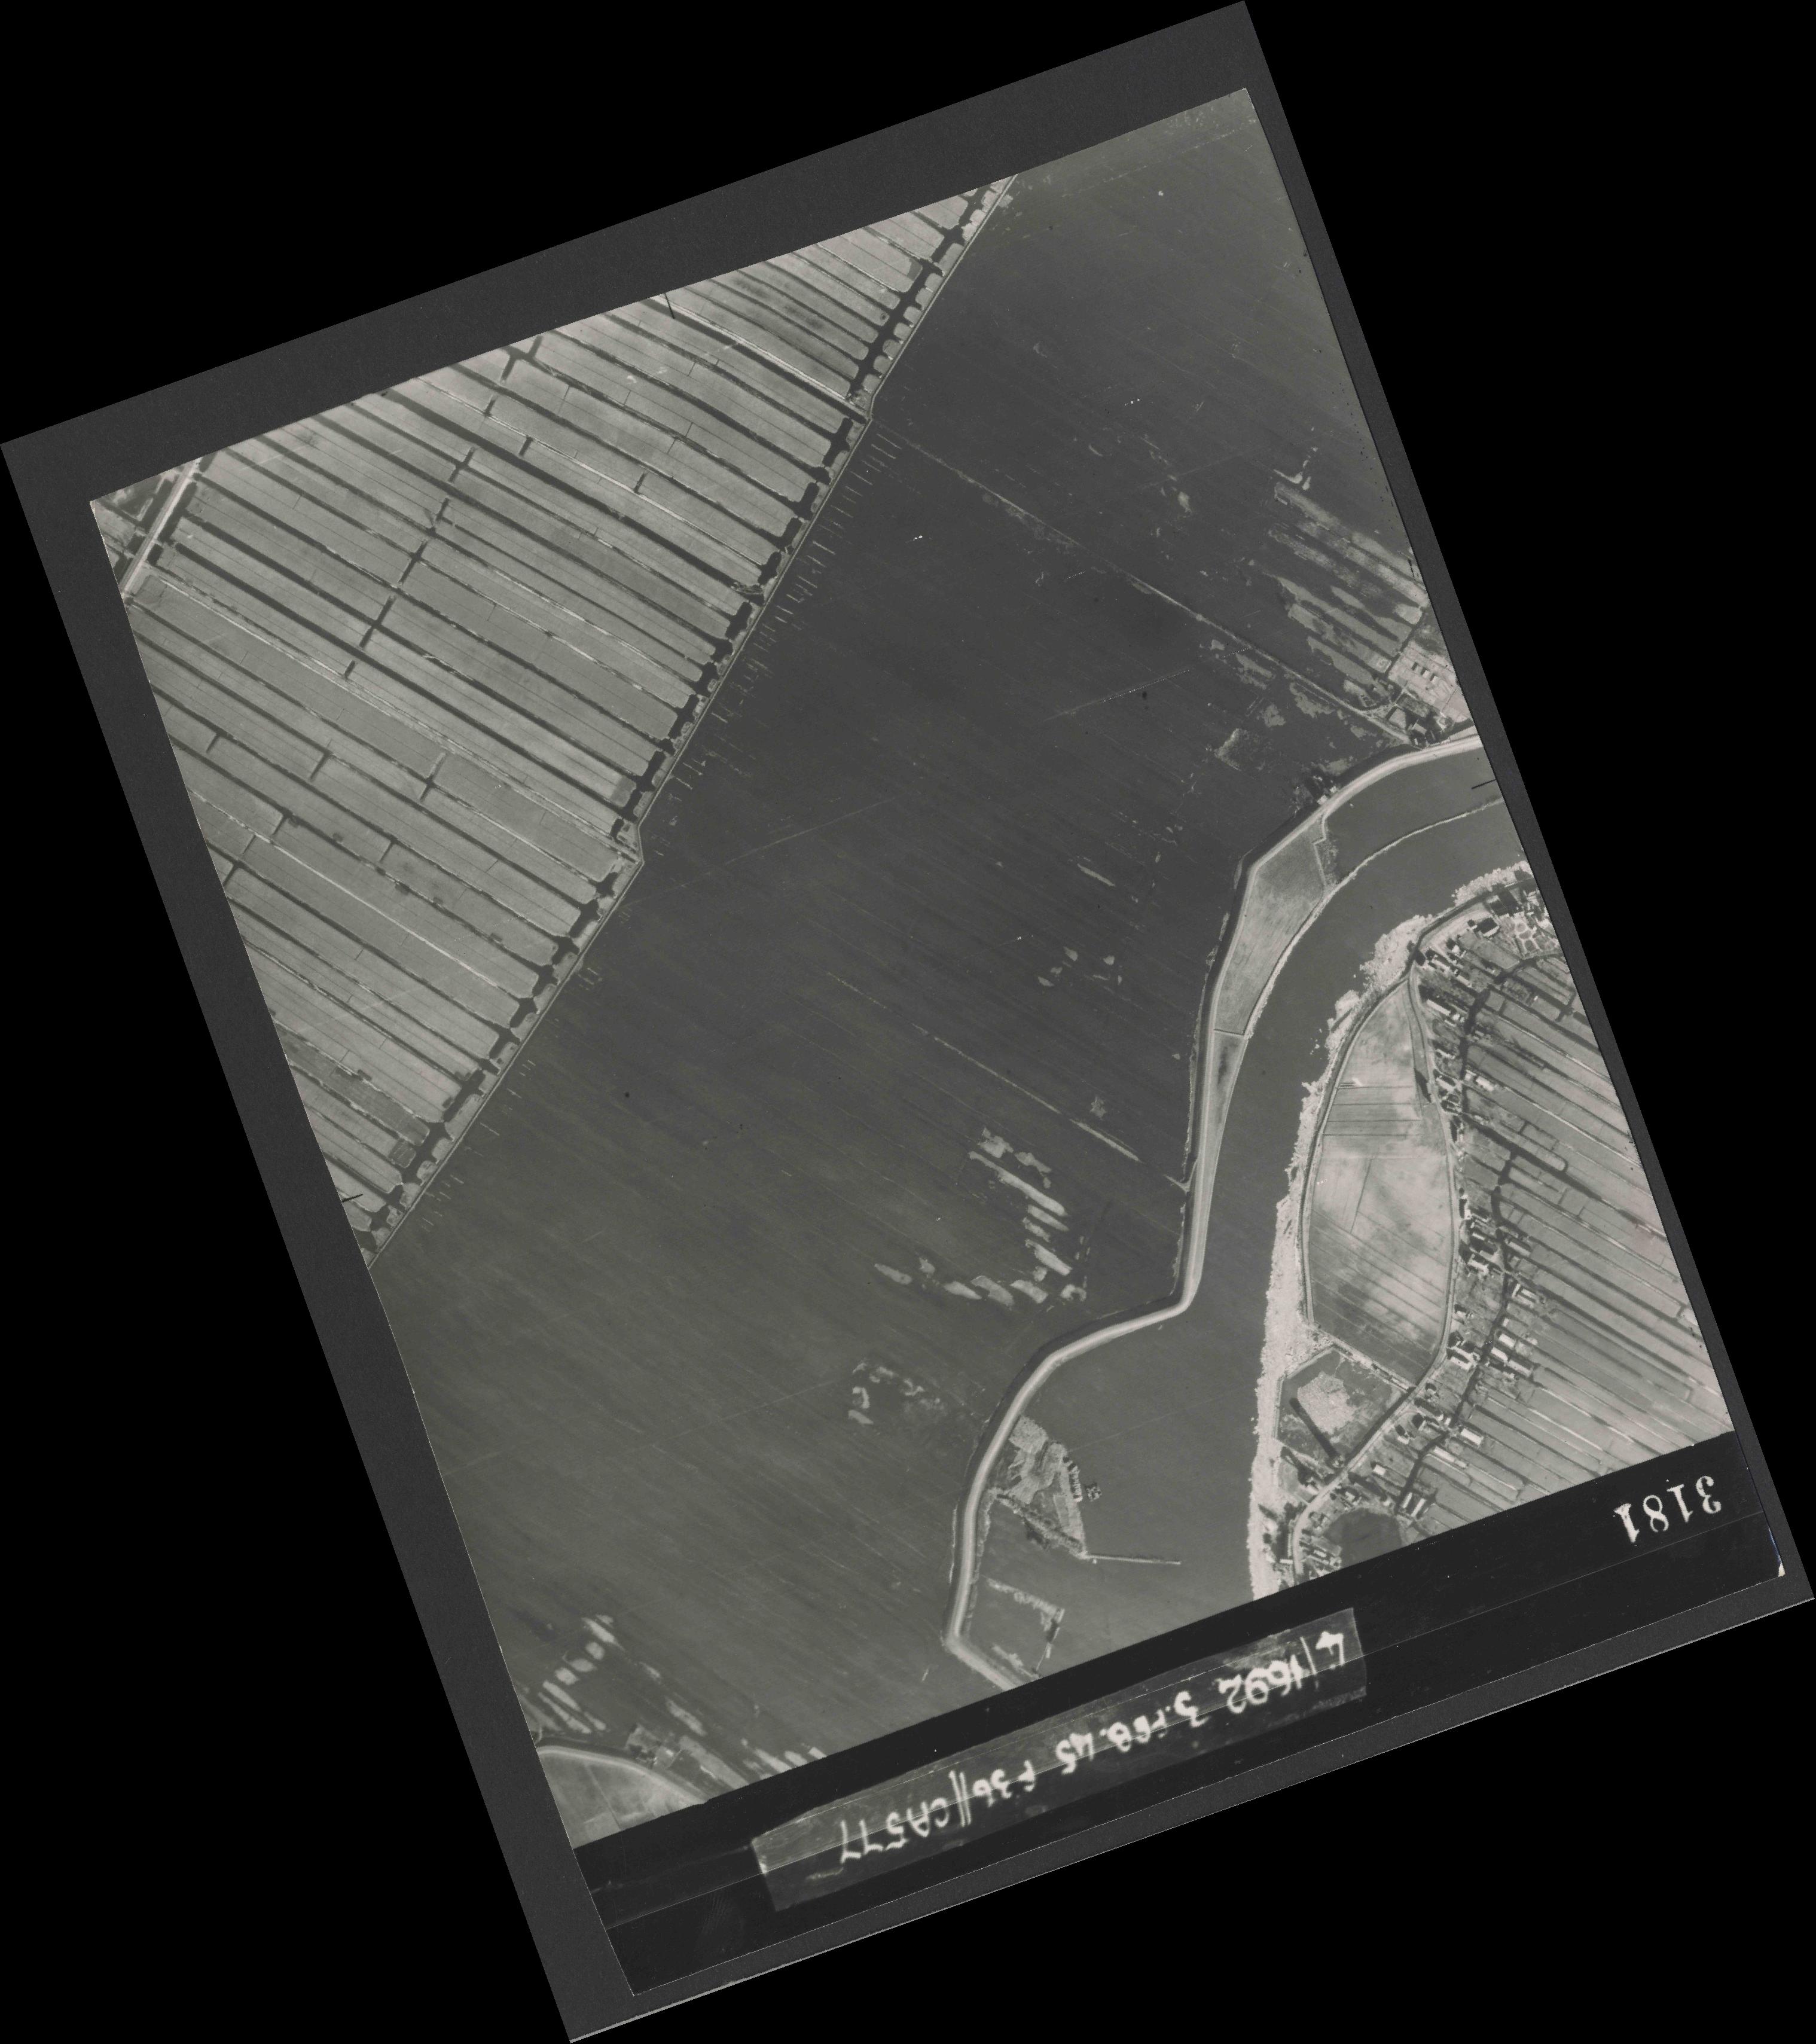 Collection RAF aerial photos 1940-1945 - flight 048, run 03, photo 3181